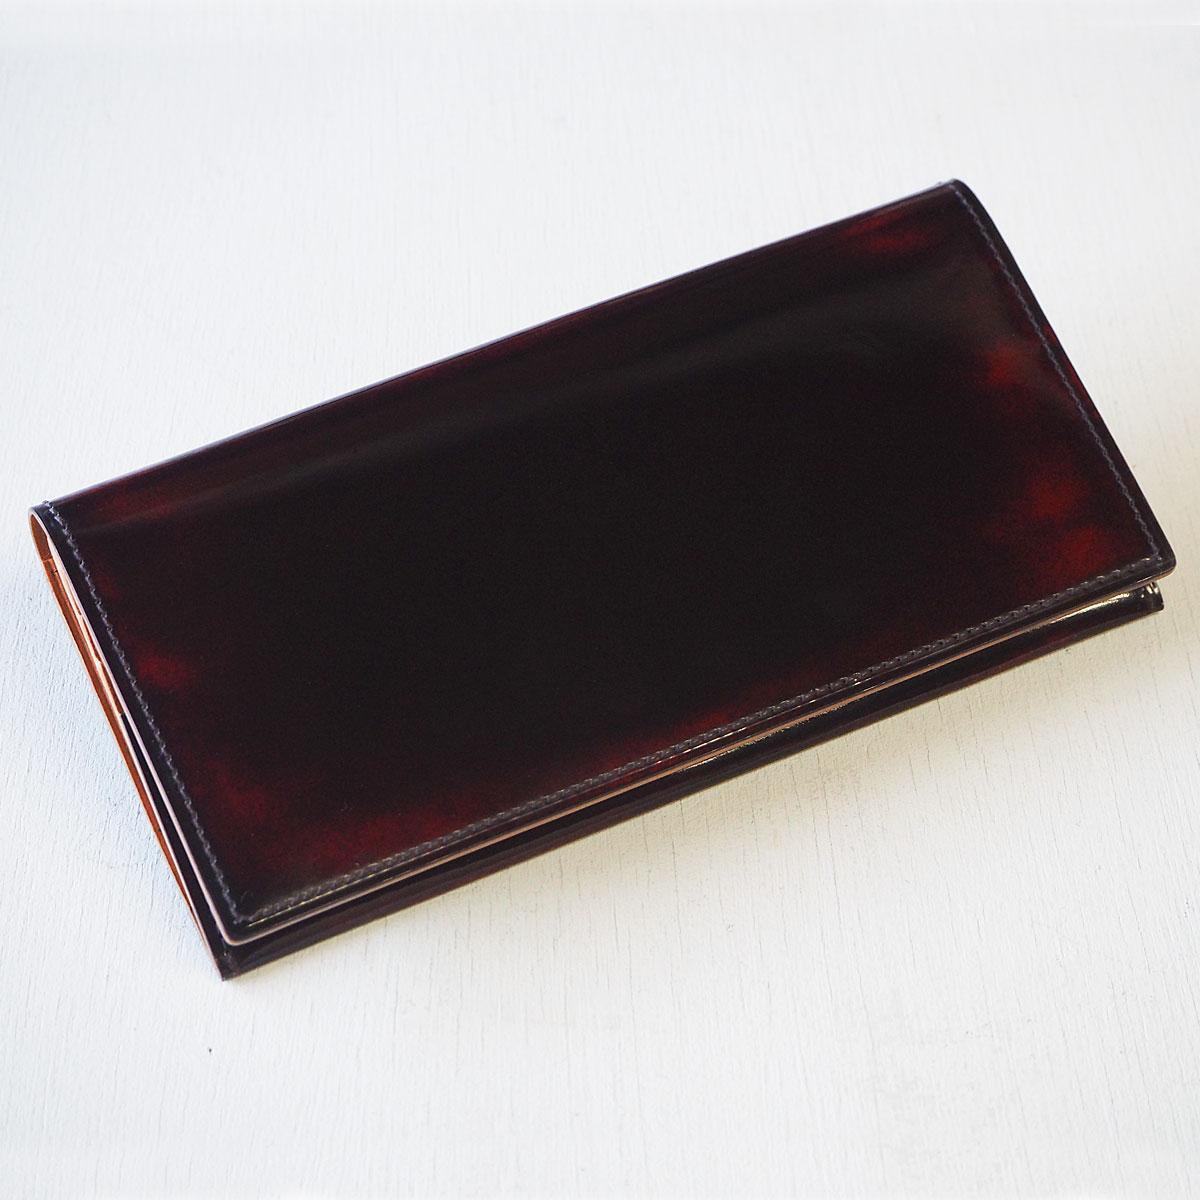 """革工房PARLEY(パーリィー) """"Parley Classic"""" (パーリィークラシック) 二つ折り 長財布 ラズベリーレッド [PC-07-RED]"""